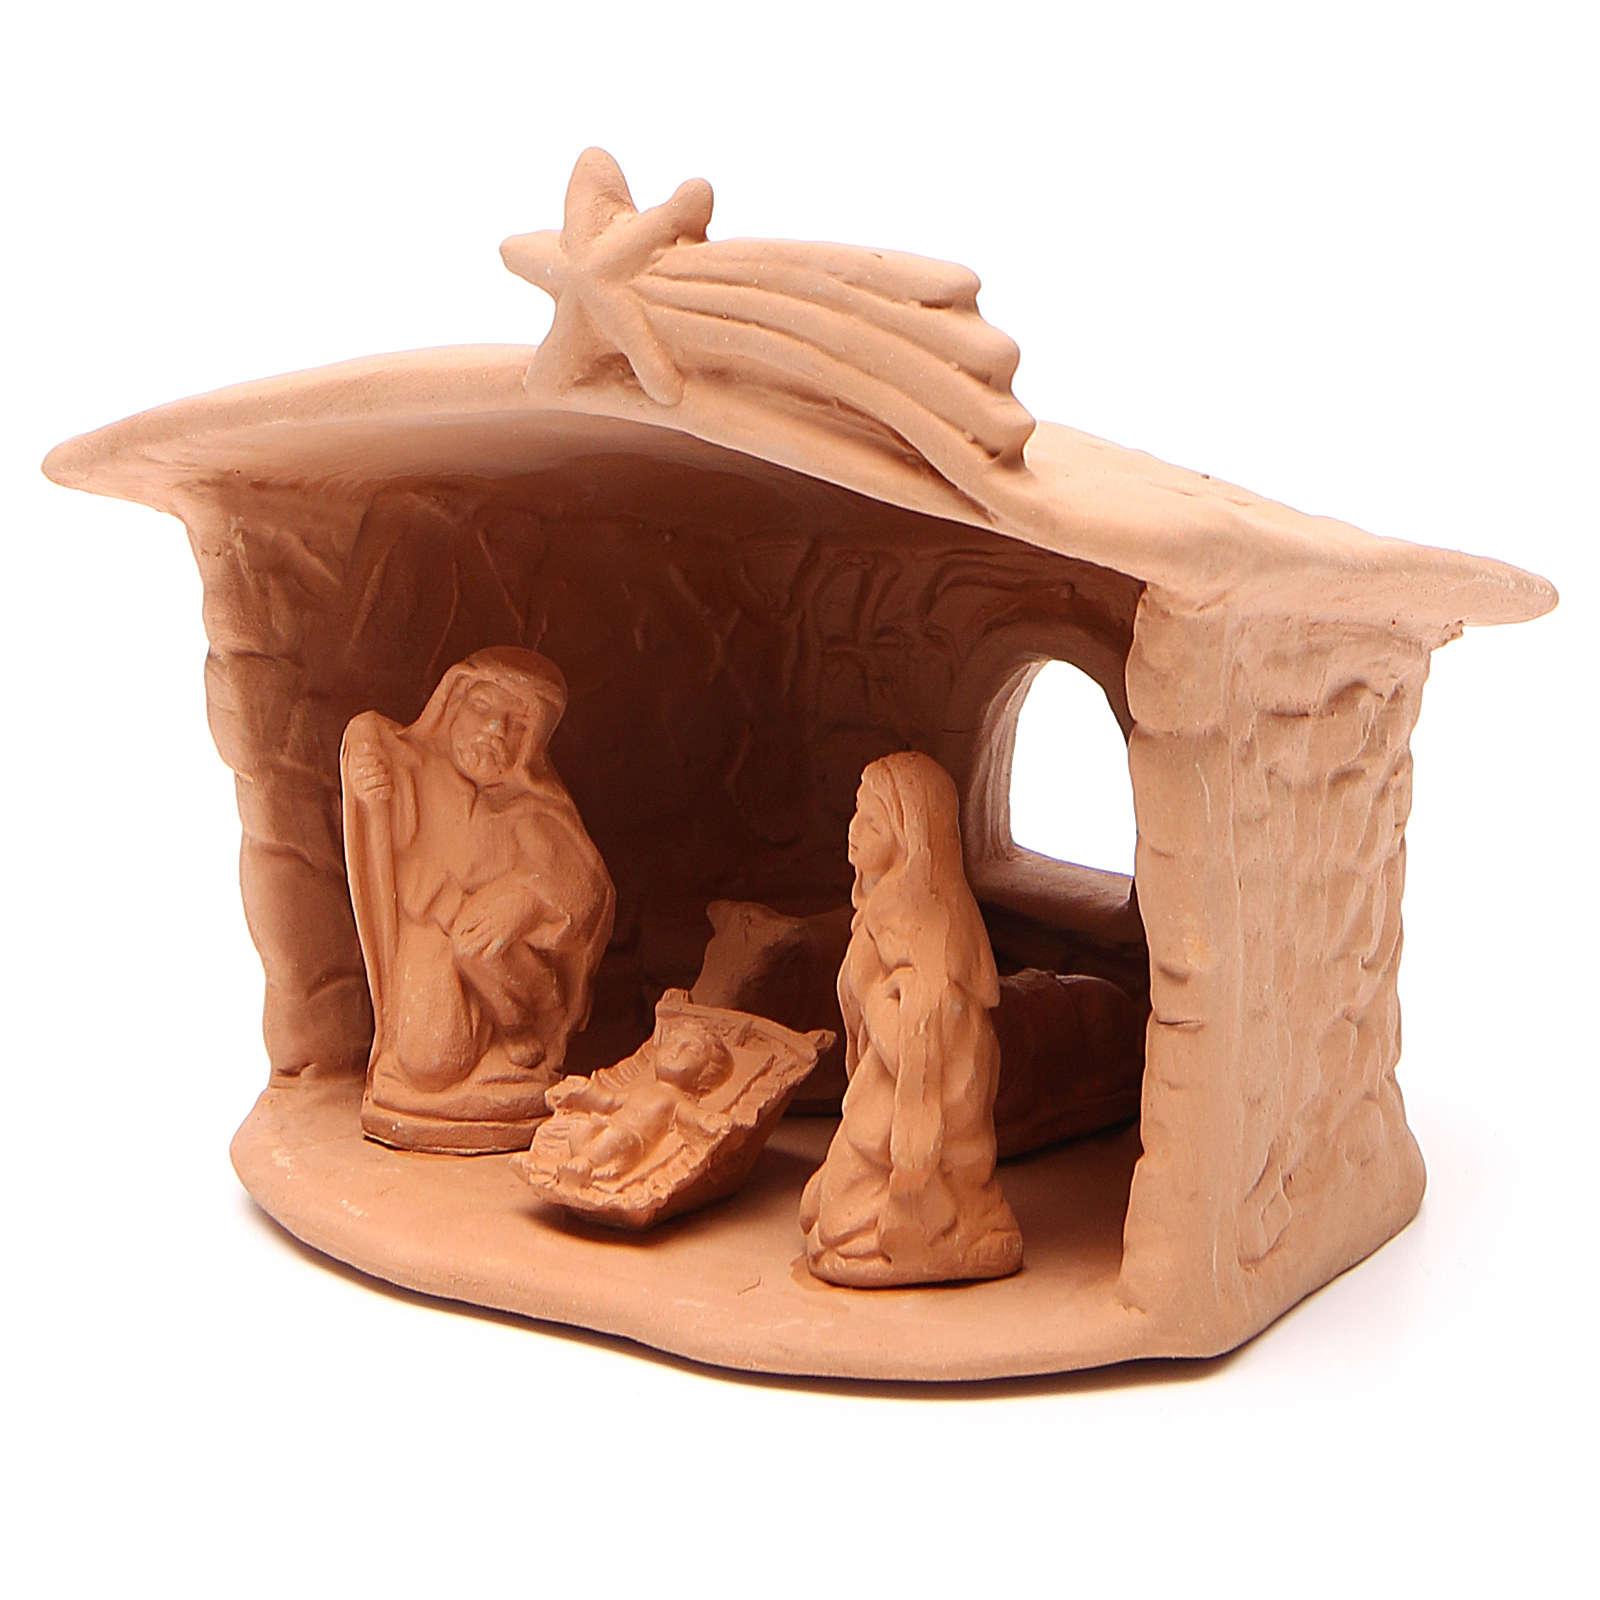 Capanna con Natività in terracotta h. 15x13x11 cm 4